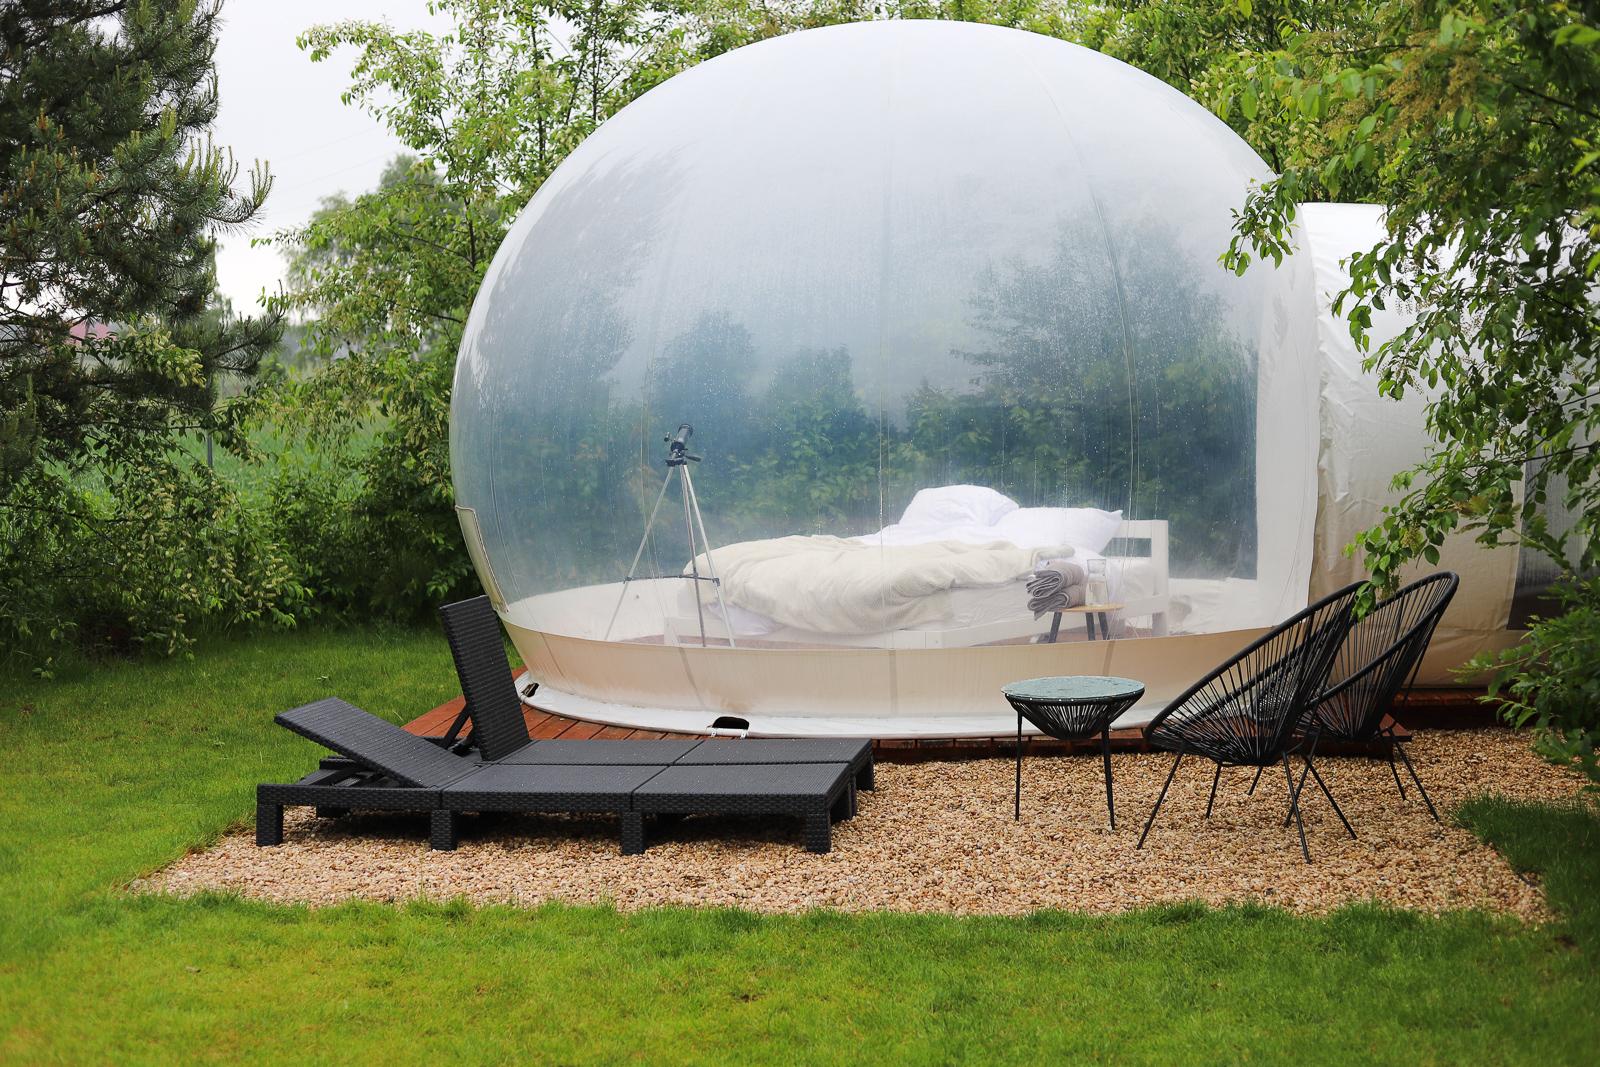 w bańce namiot